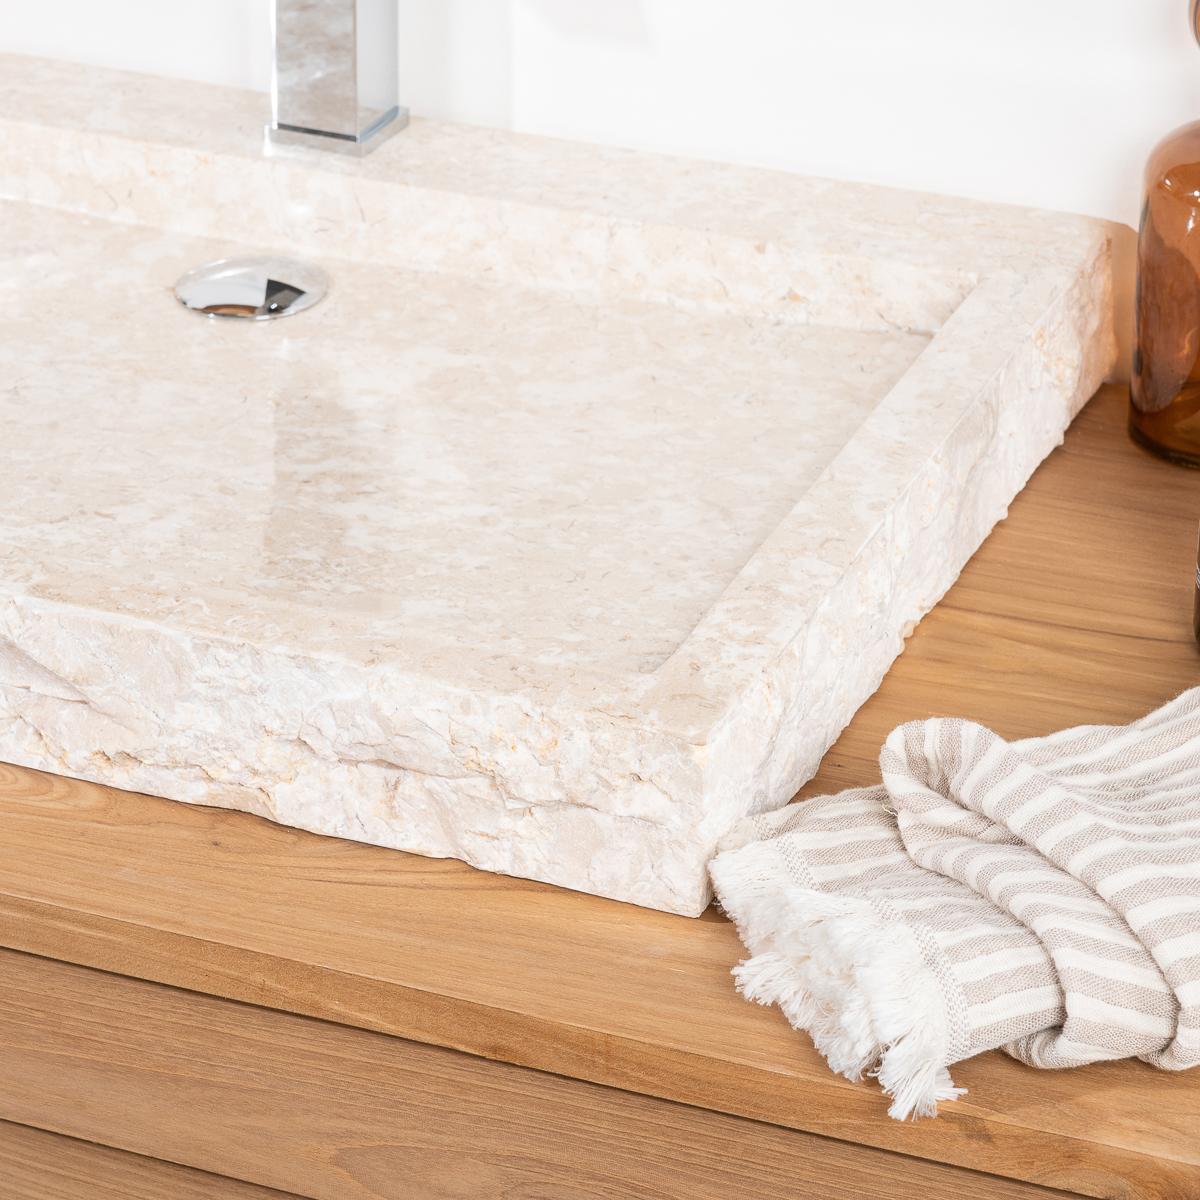 Vasque poser en marbre cosy ronde cr me d 70 cm - Vasque a poser pas cher ...